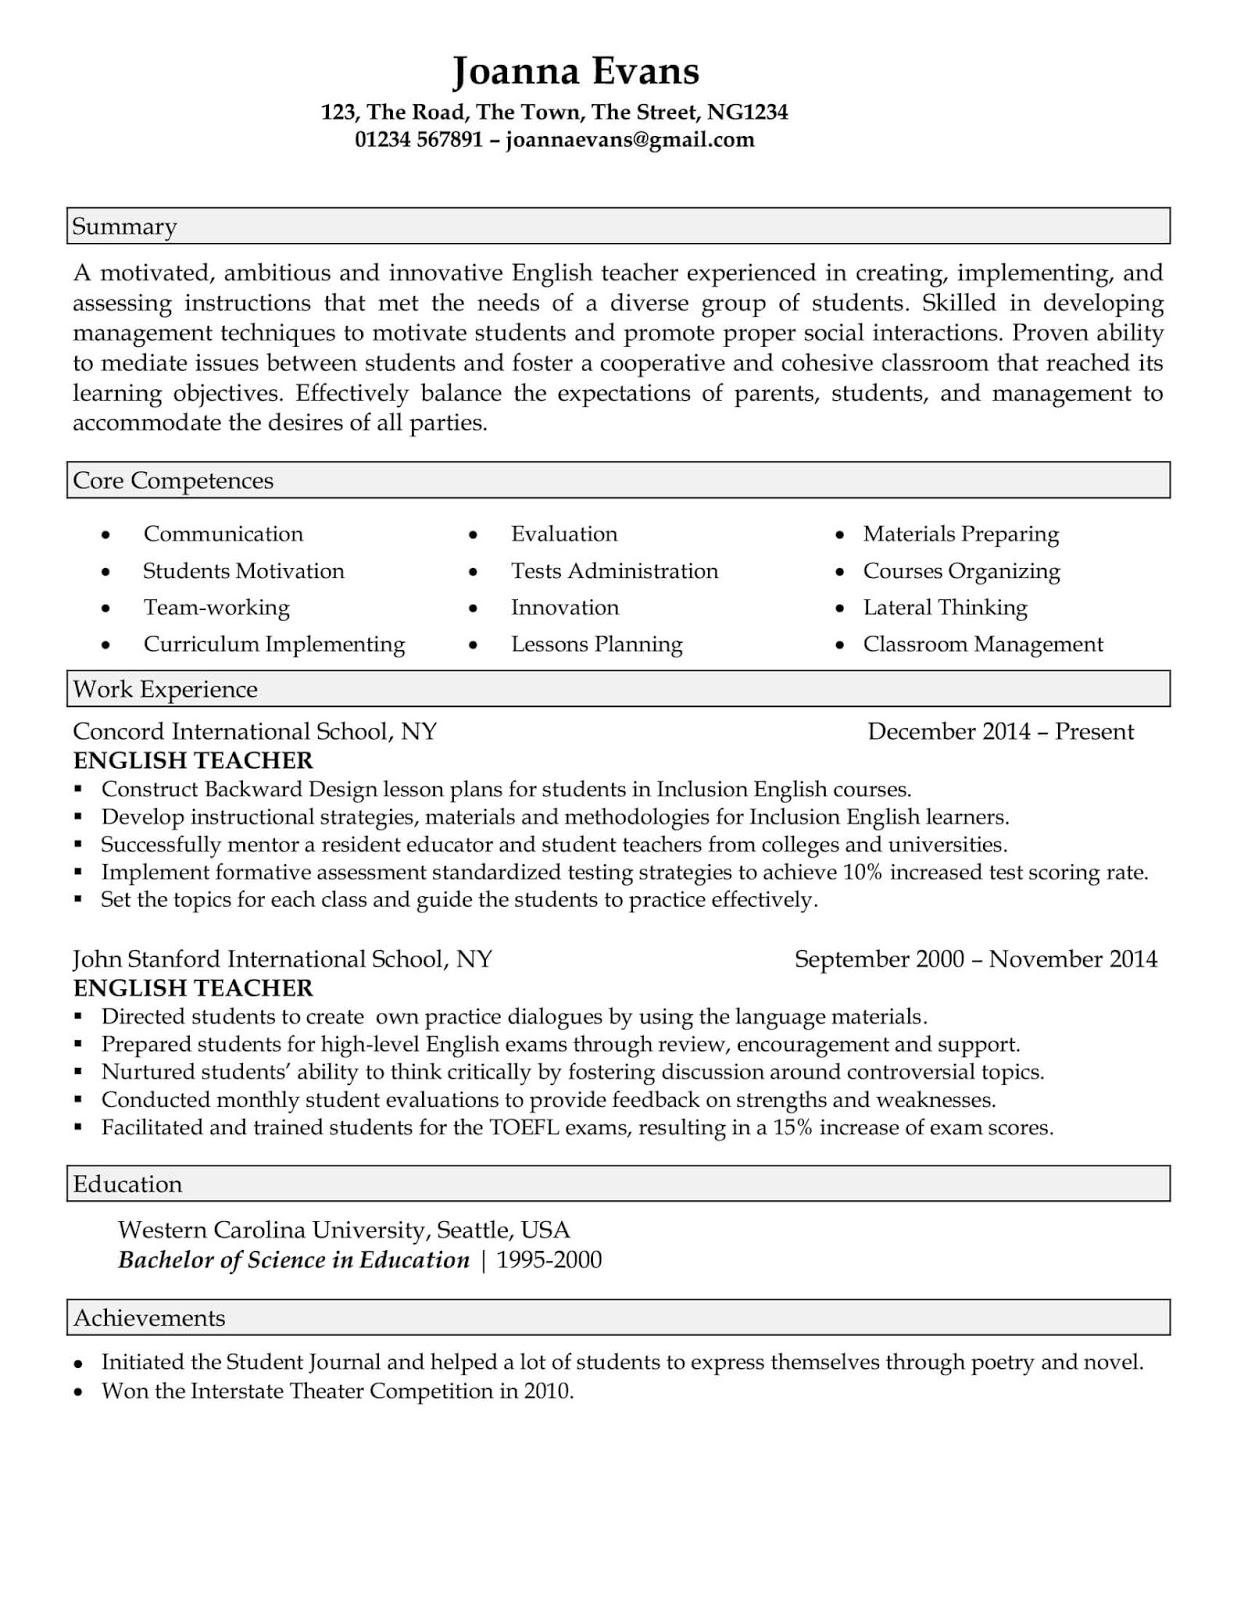 proper resume format 2019 pdf samples proper resume 2020